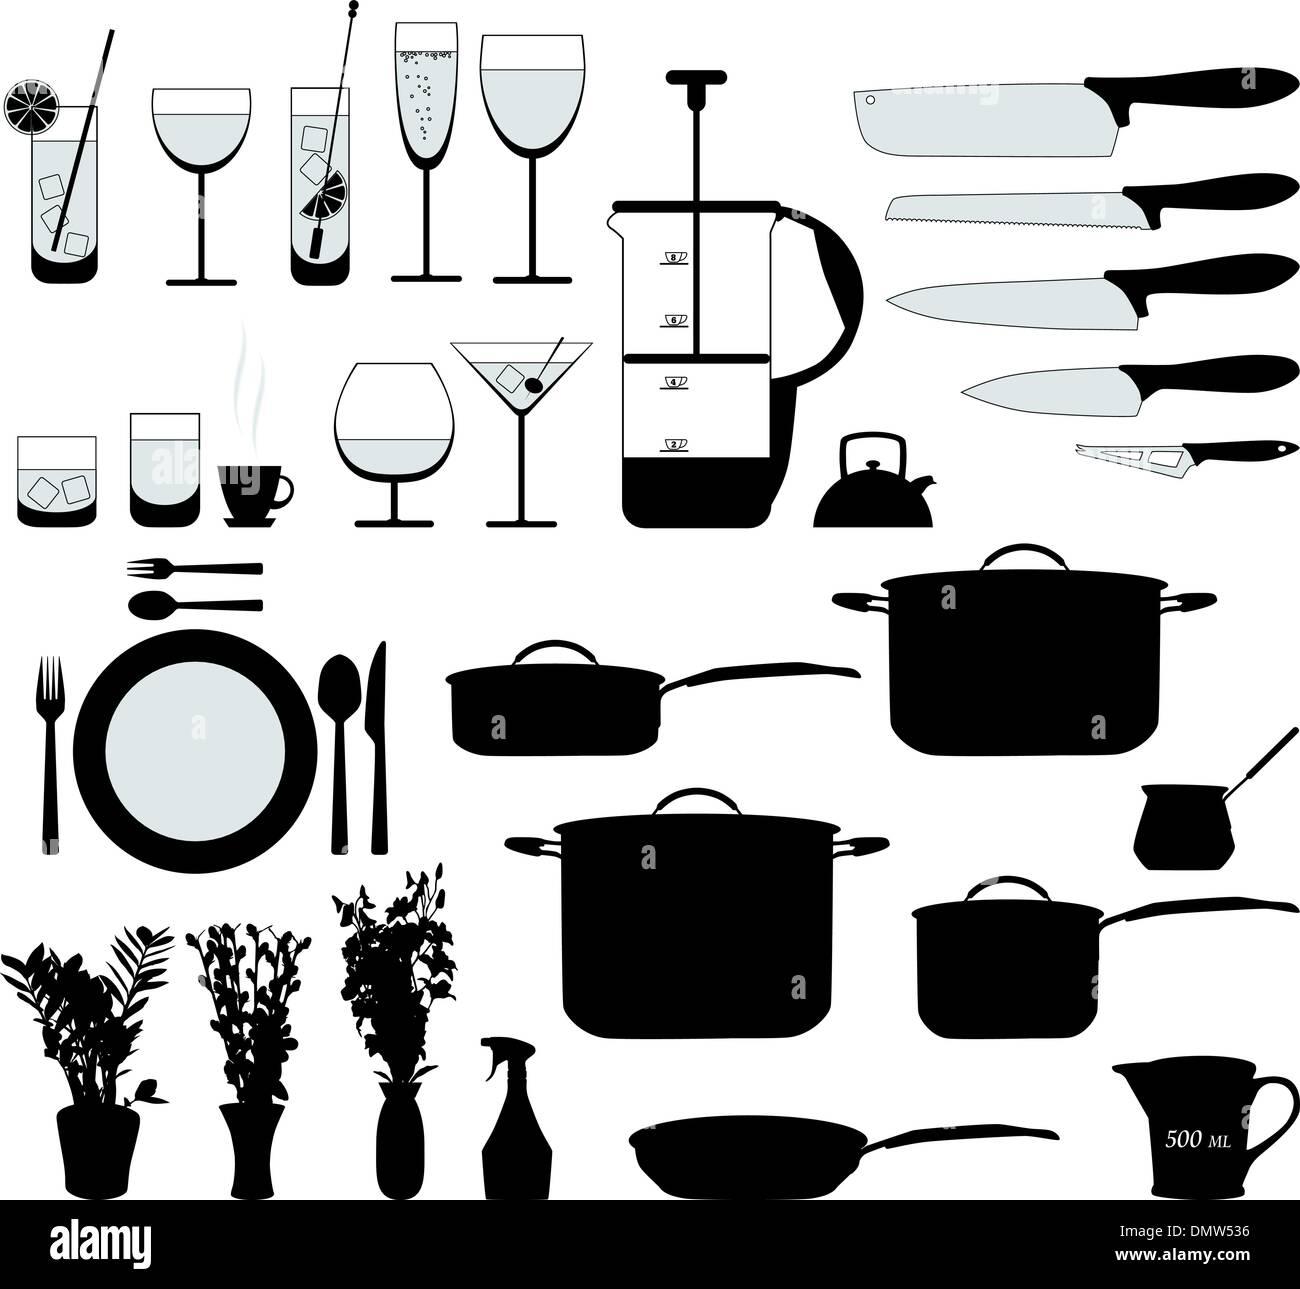 Piatti, pan, mixer e altri oggetti da cucina vettore silhouette ...